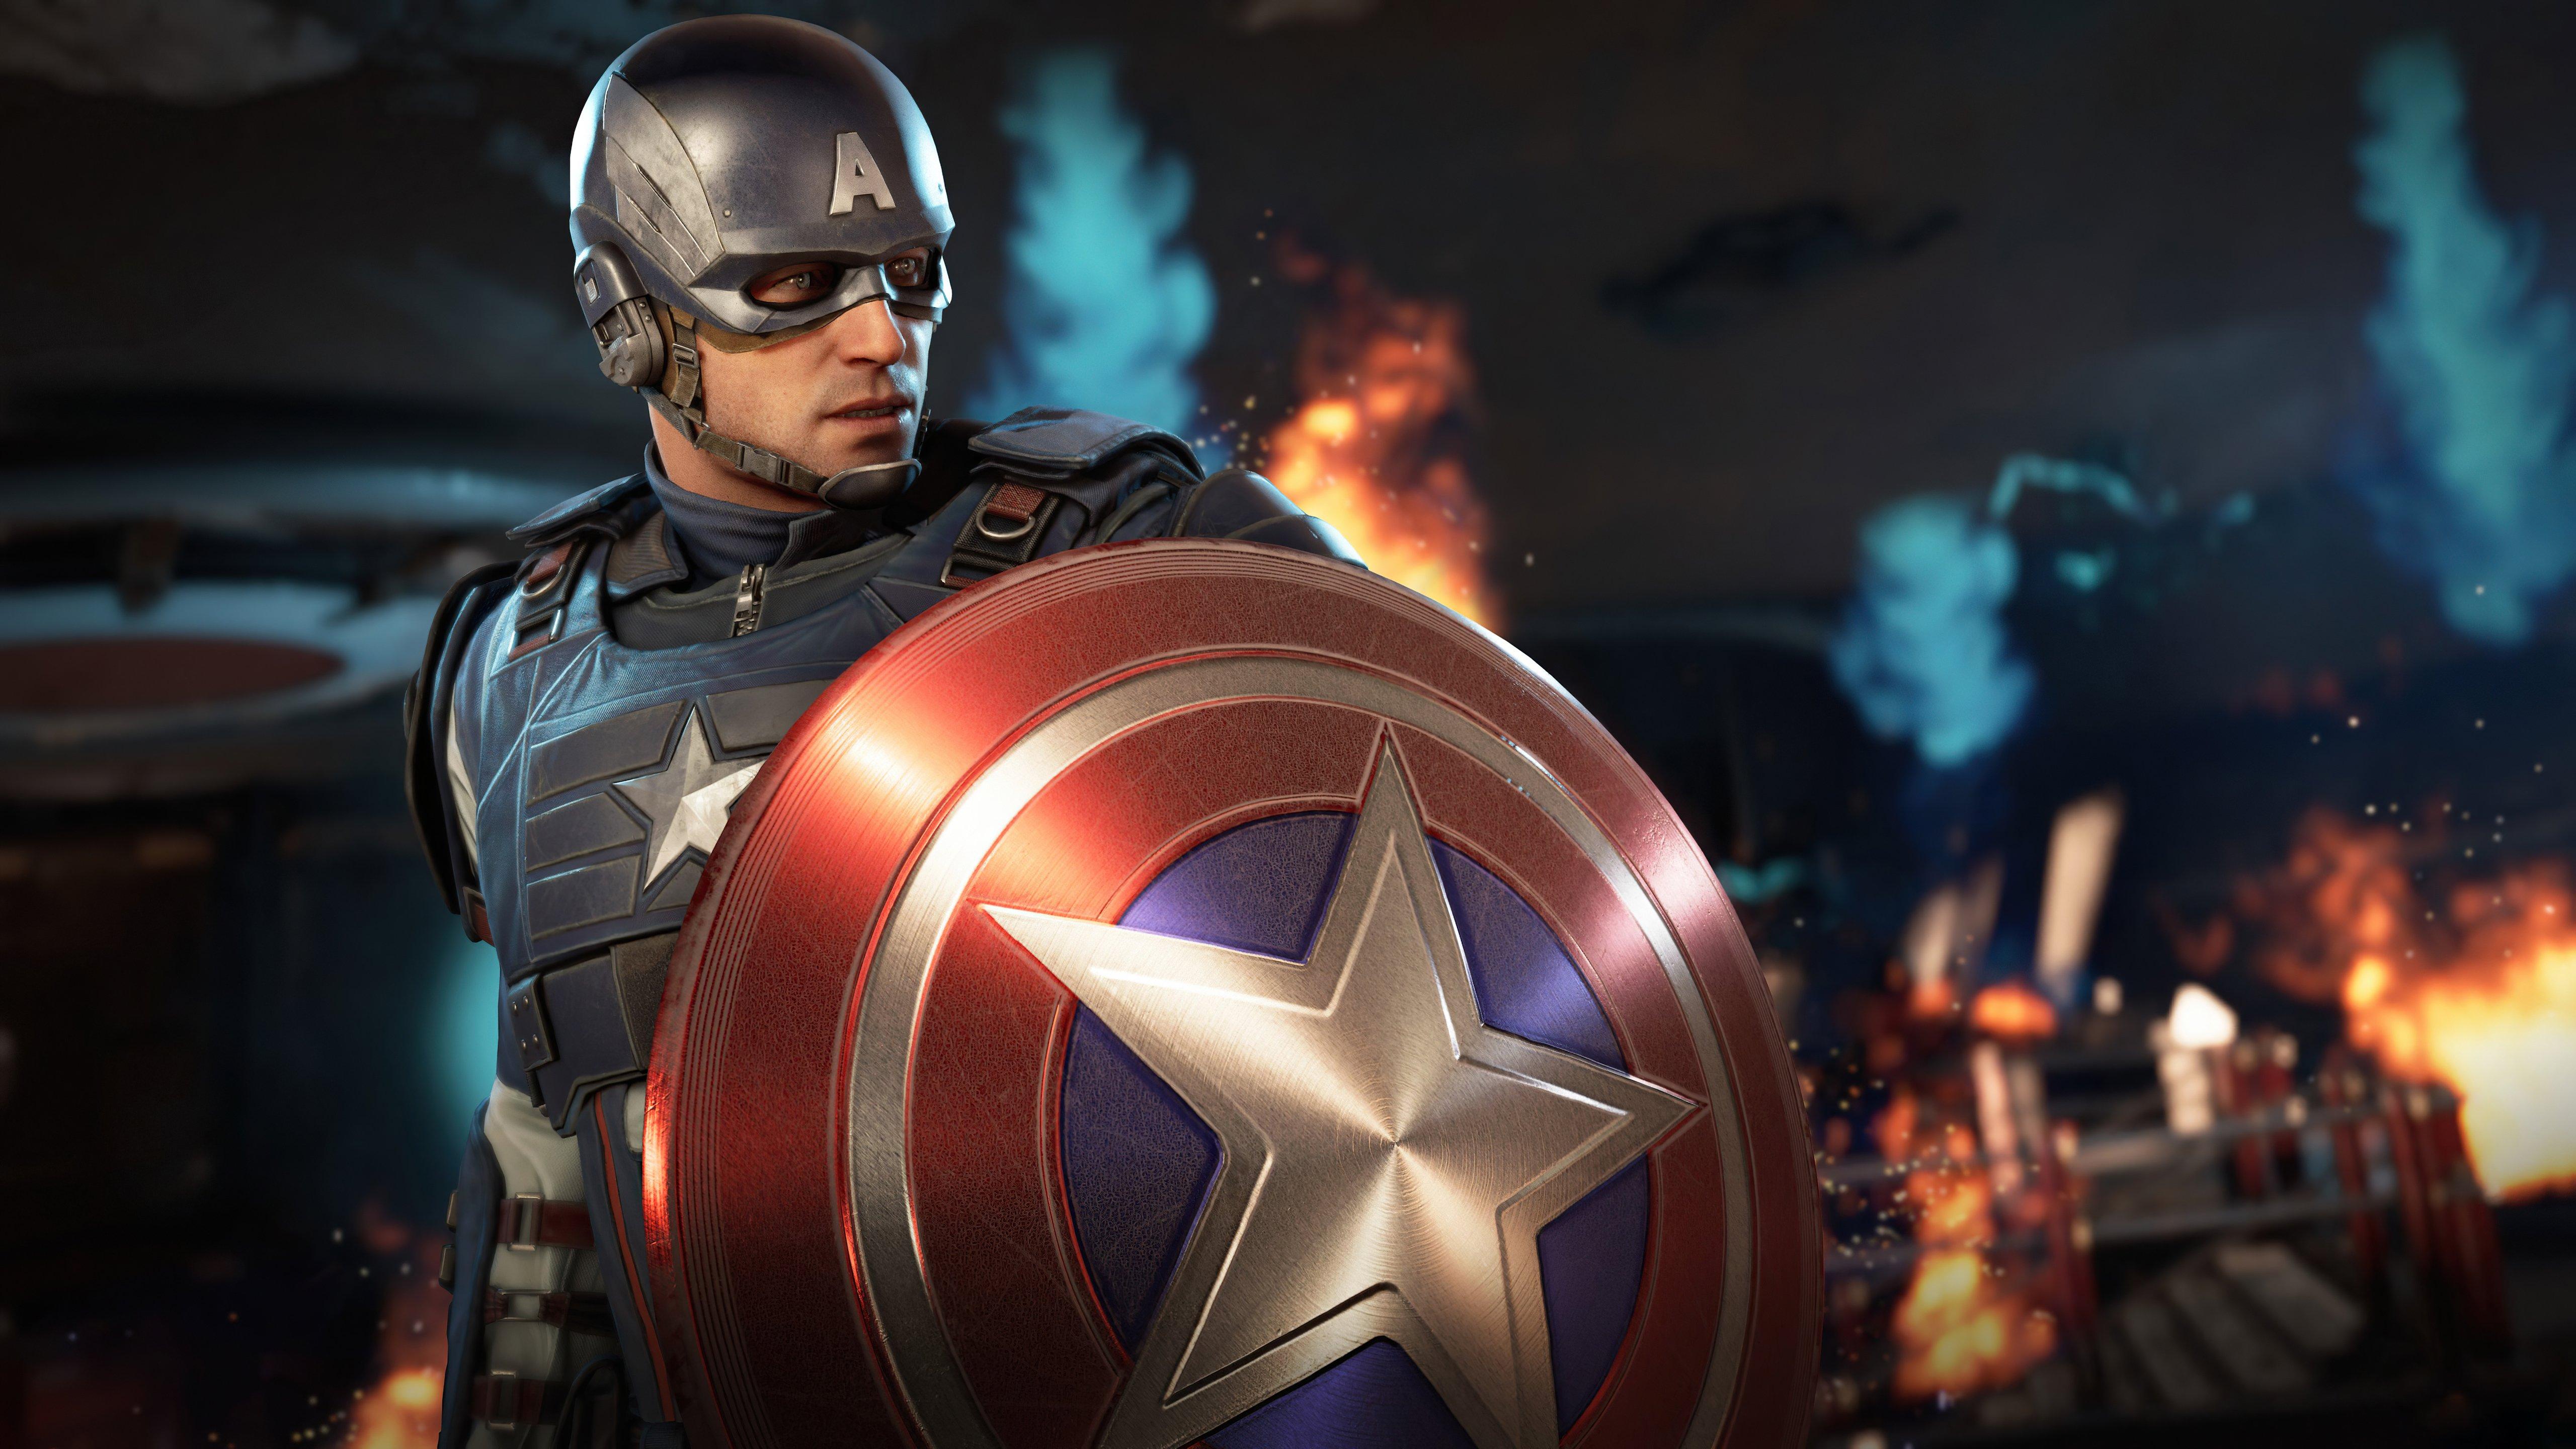 Wallpaper Captain America Avengers